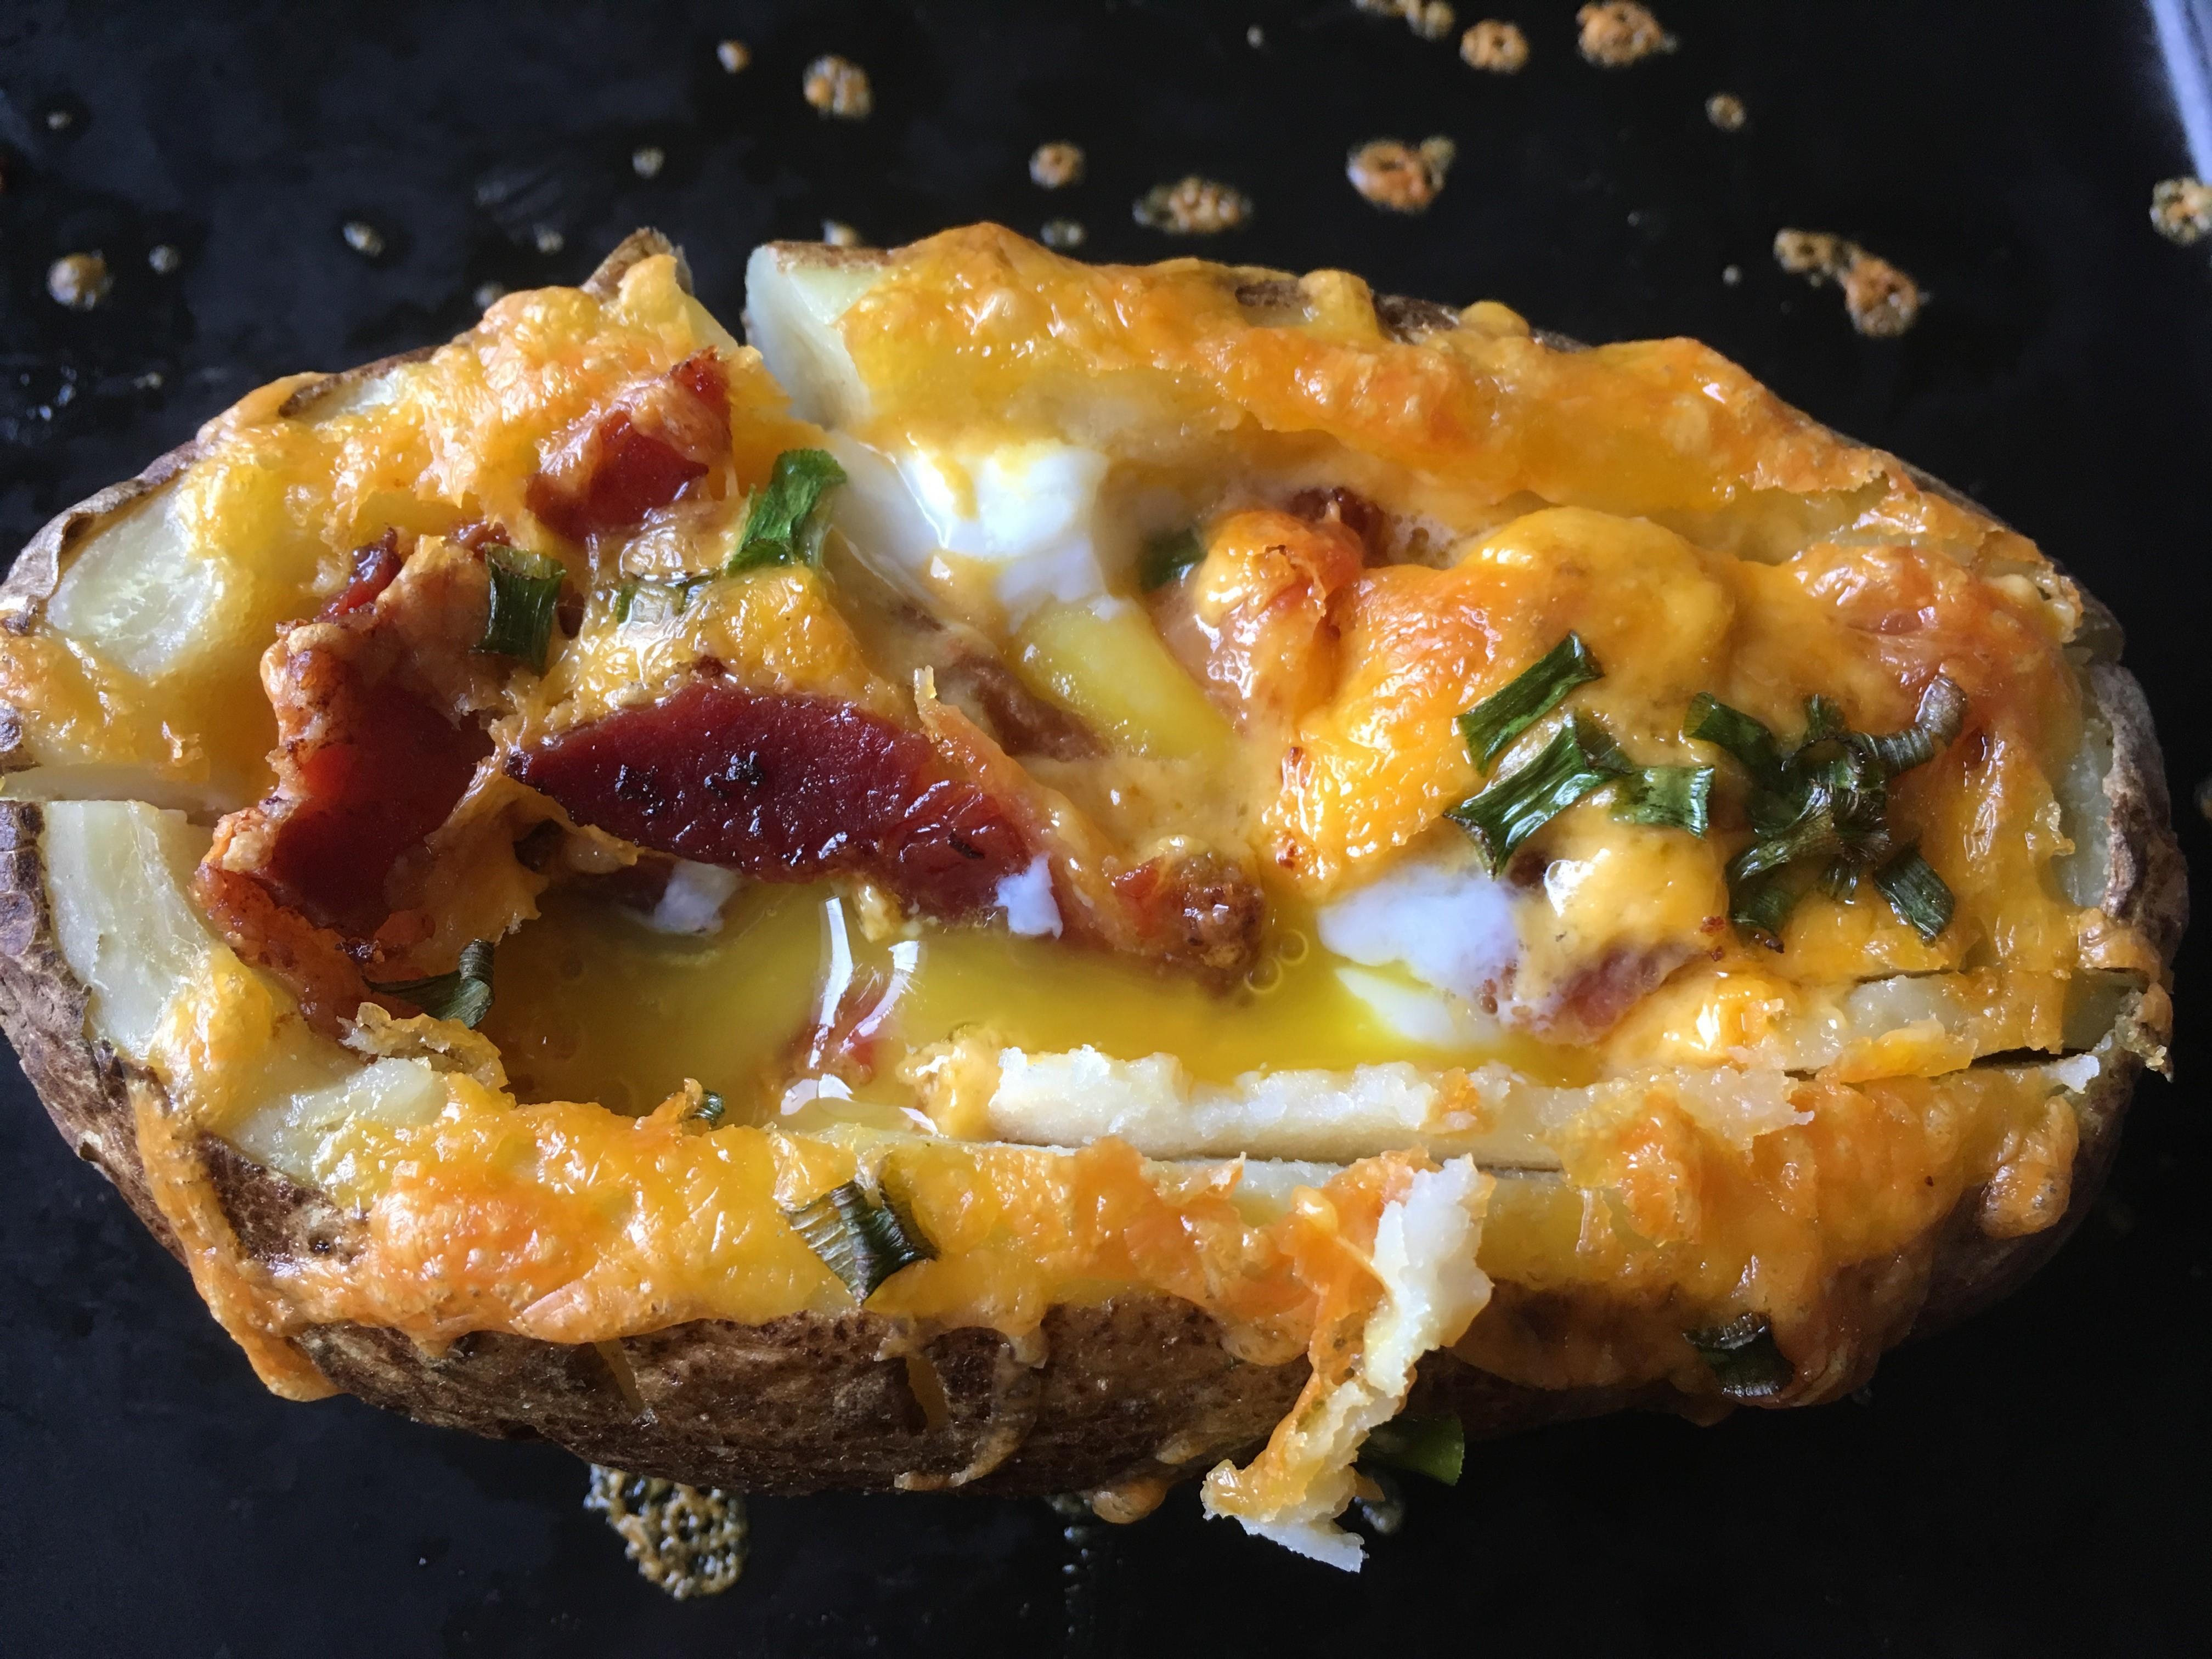 Idaho Sunrise (Breakfast Baked Potato)